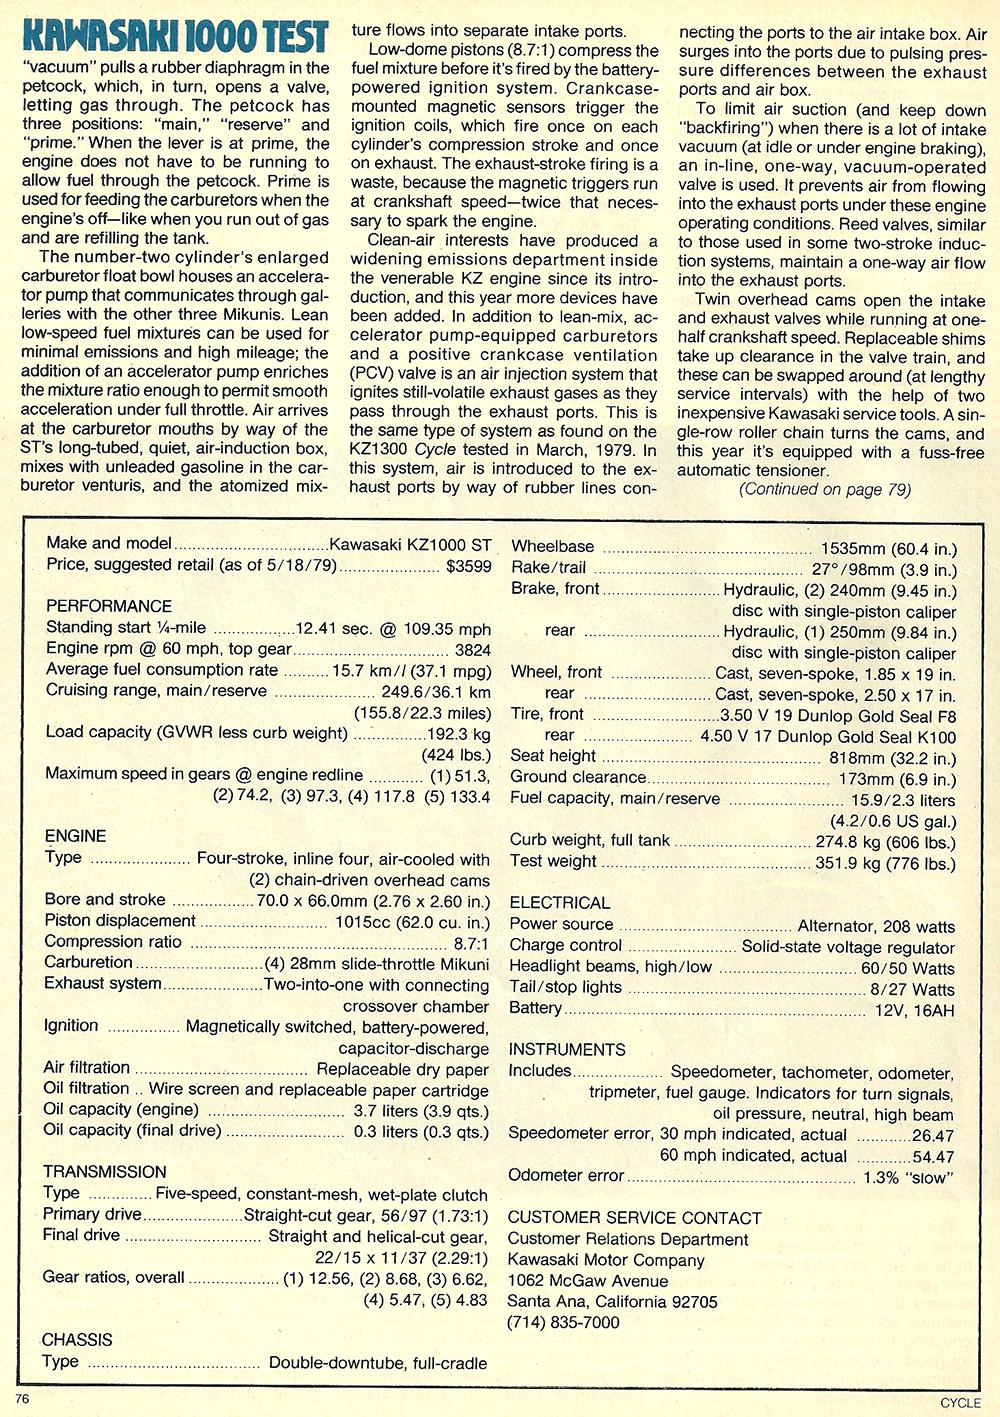 1979 Kawasaki KZ1000 ST road test 05.jpg